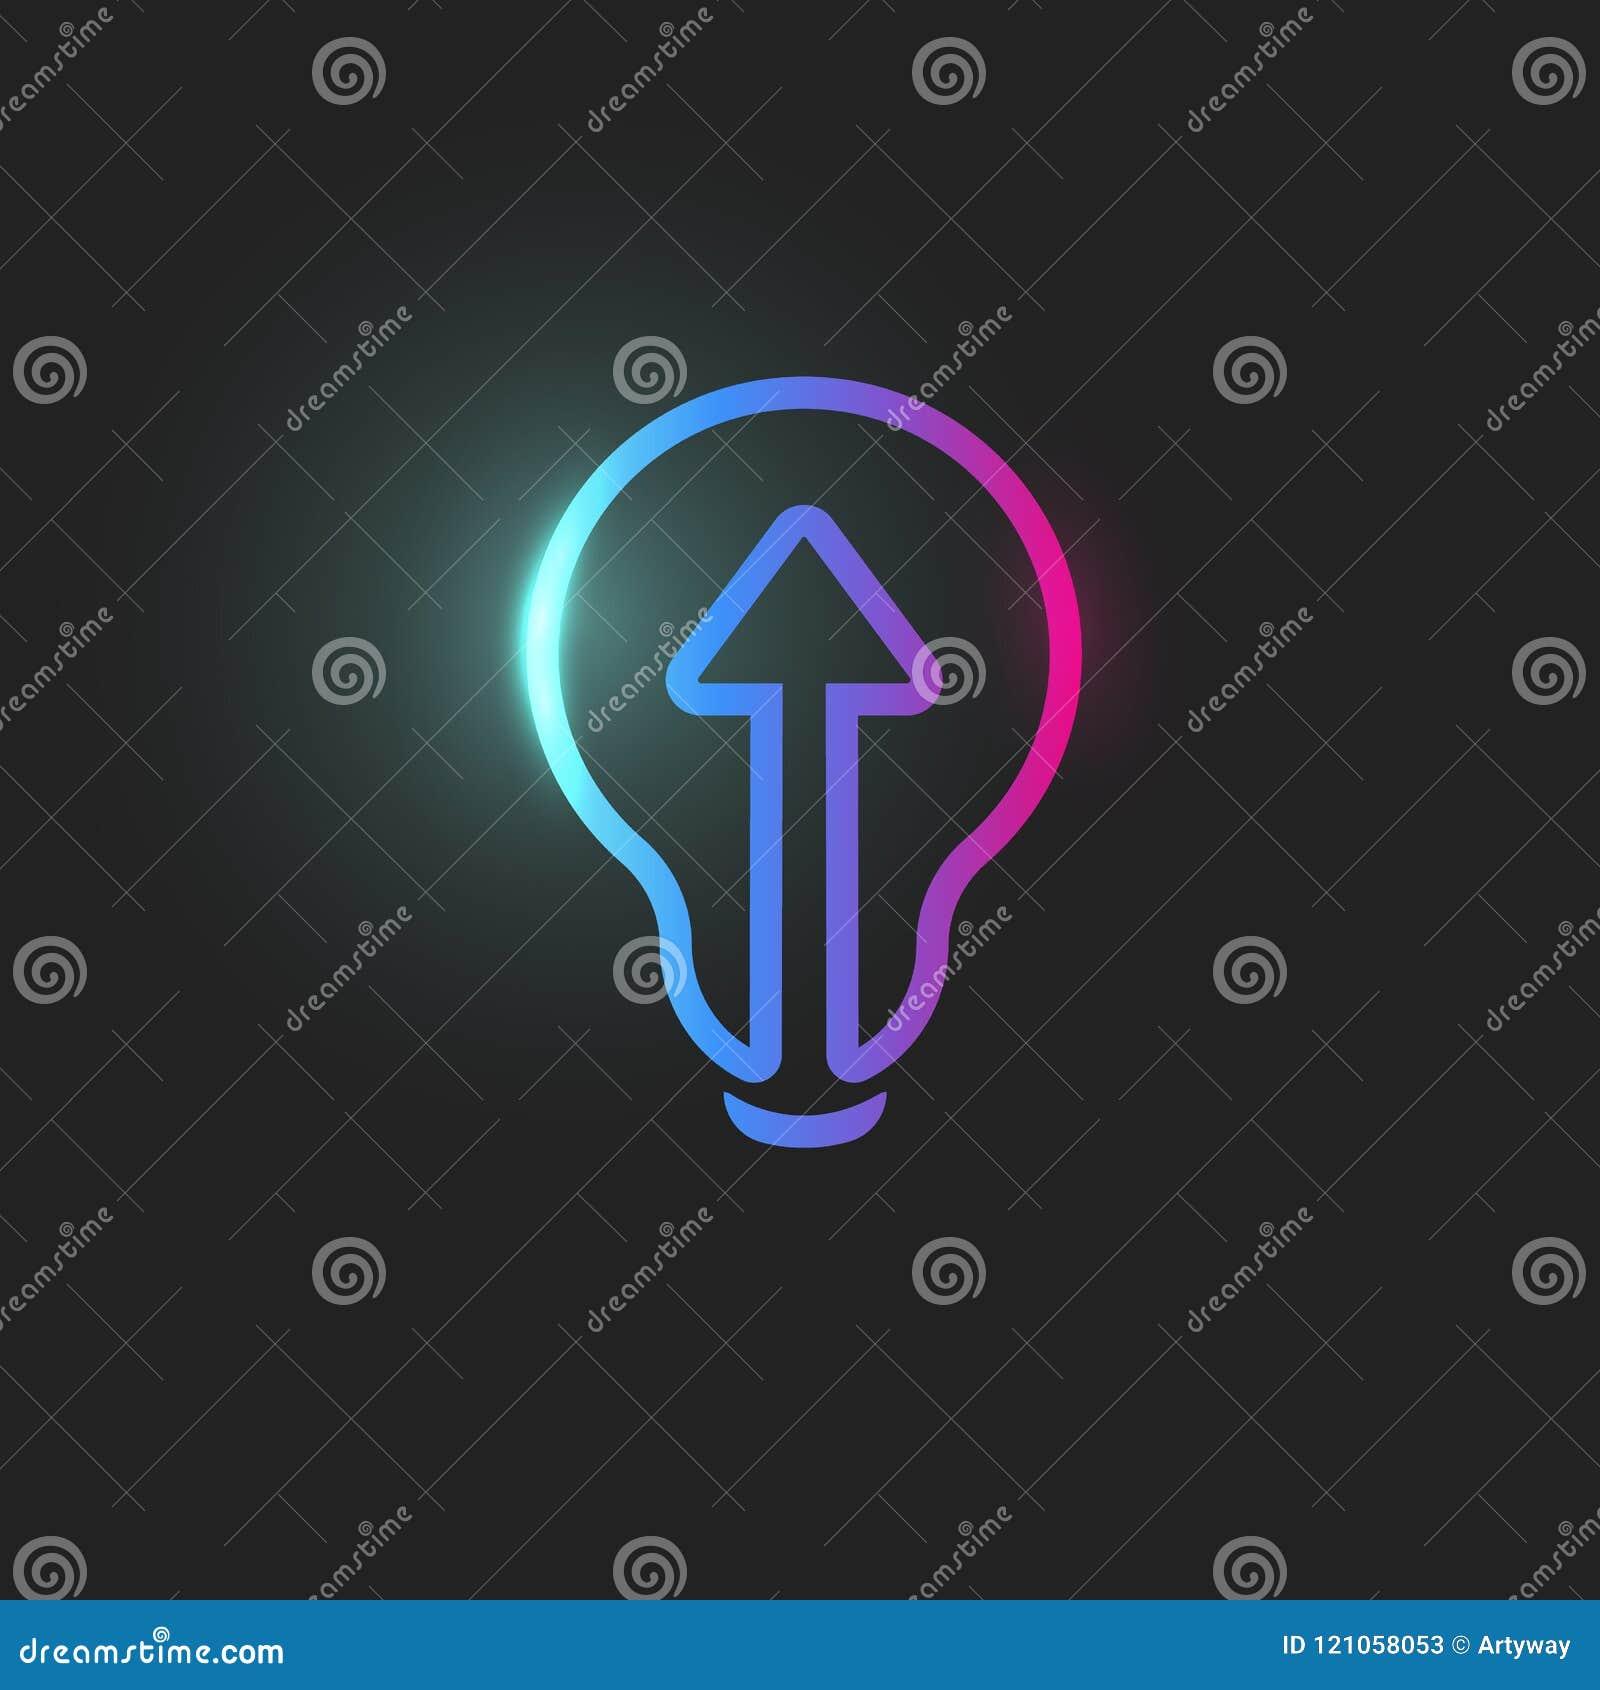 箭头,直直往前的directioion,电灯泡象,抽象电灯泡,网象,线性创新,想法商标模板